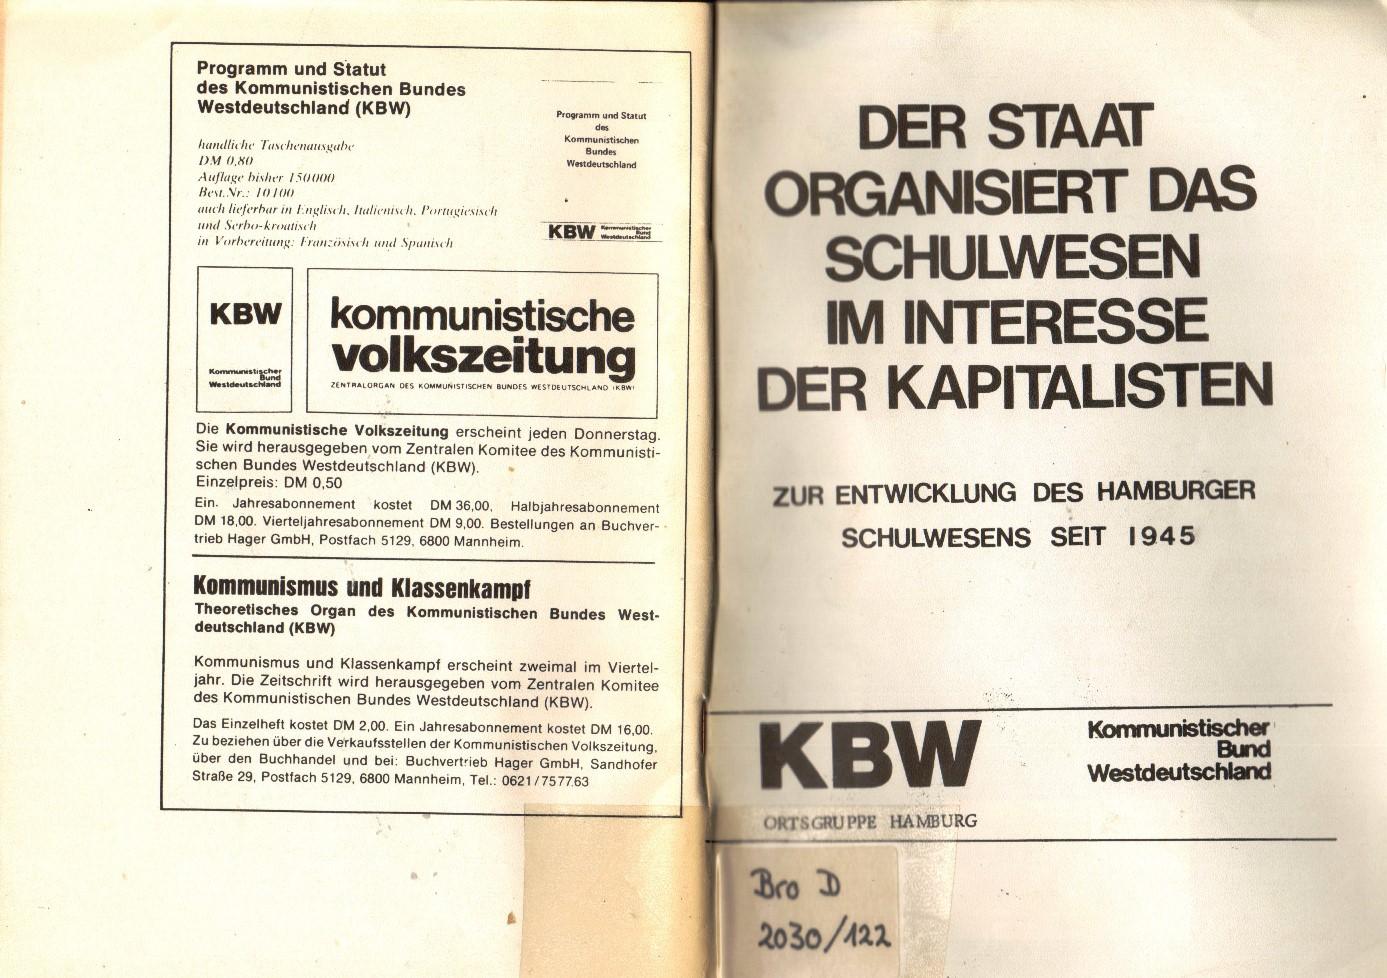 Hamburg_KBW_1976_Das_Schulwesen_seit_1945_01